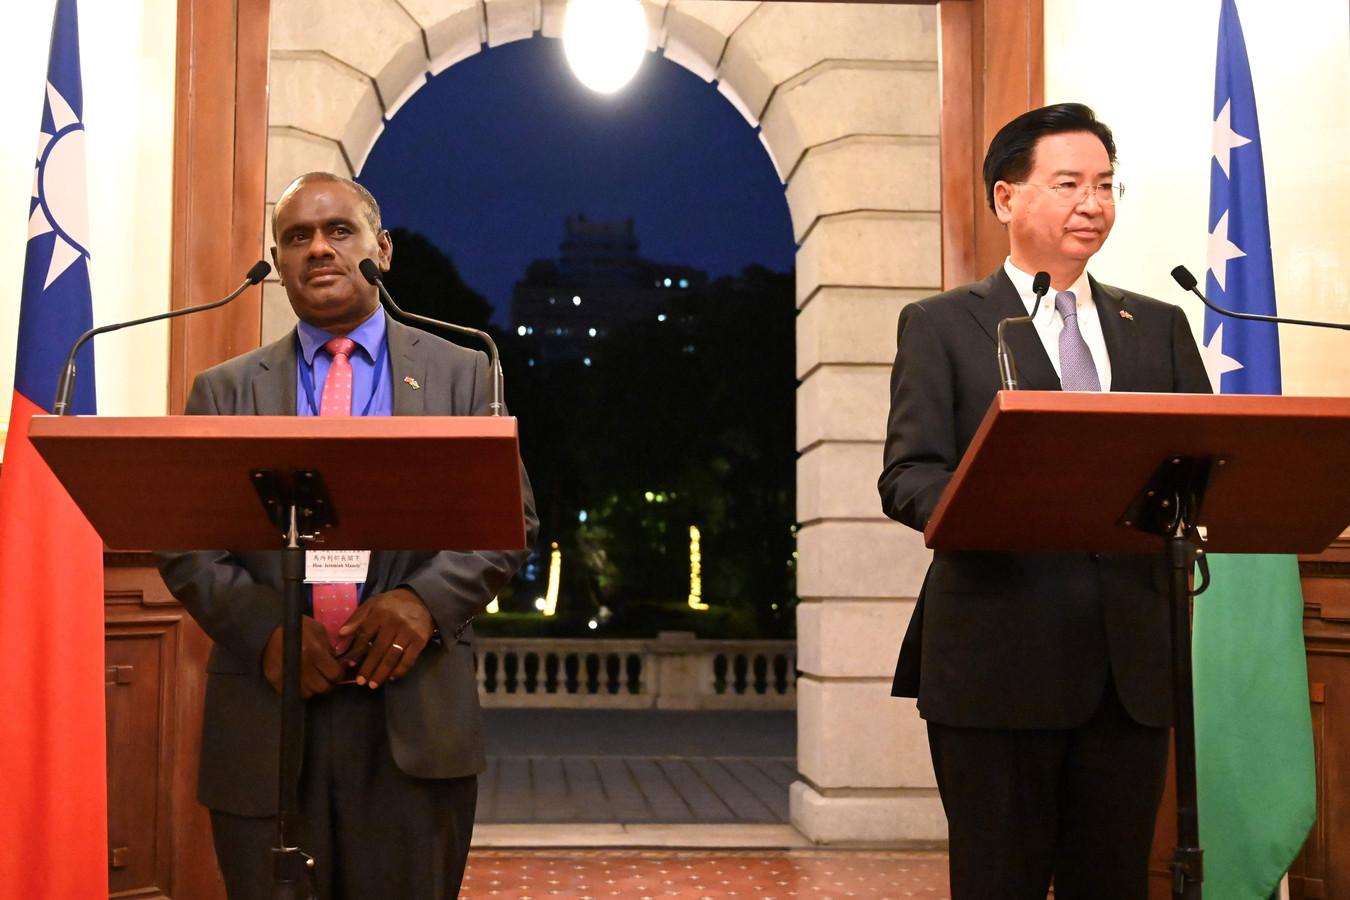 Le ministre des Affaires étrangères des Iles Salomon, Jeremiah Manele, et Joseph Wu, ministre taïwanais des Affaires étrangères, lors d'une conférence de presse.